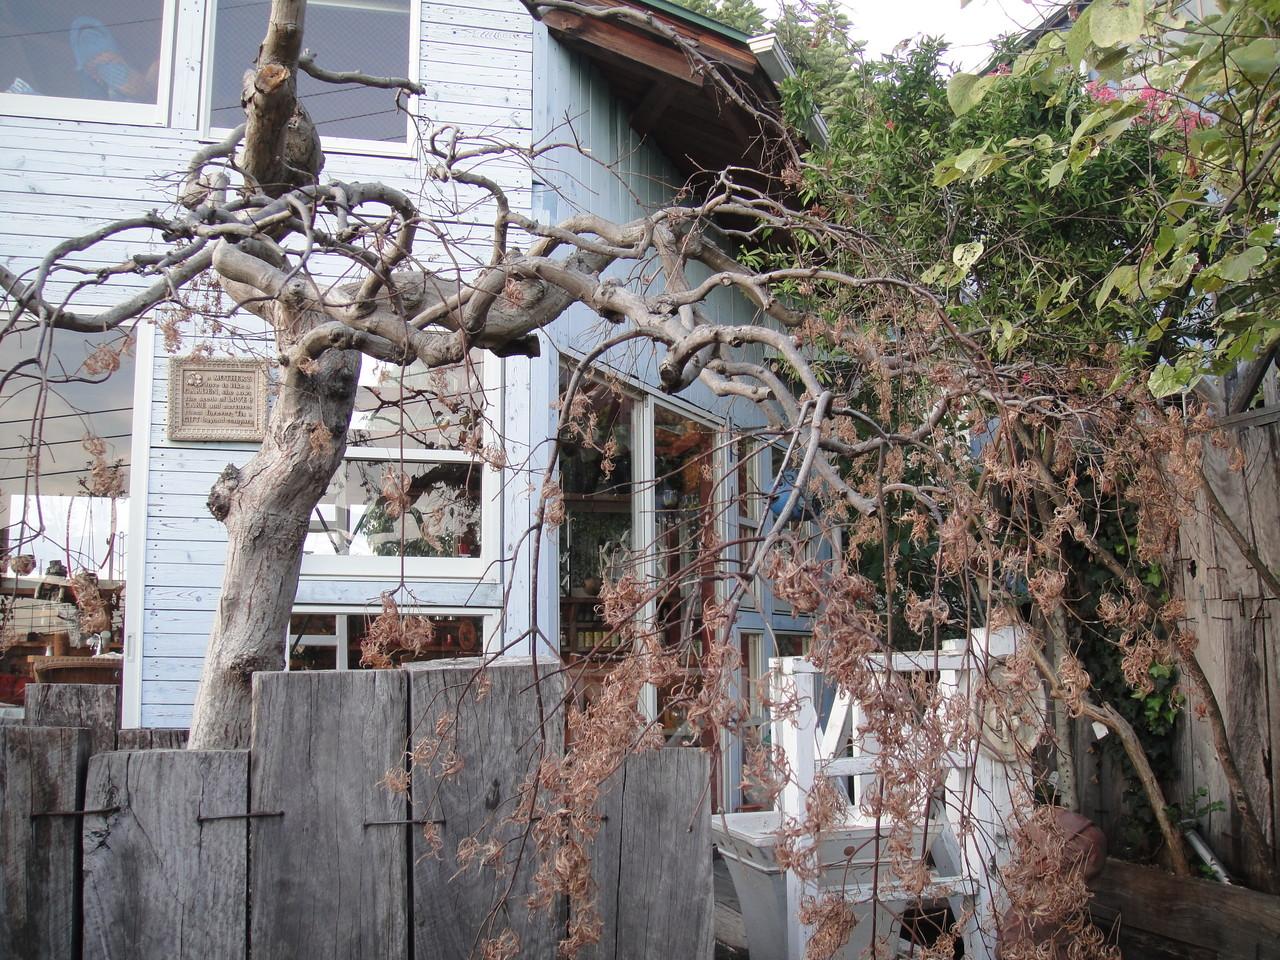 屋上ガーデンのシンボルツリーで、盆栽仕立ての五色枝垂のモミジ。赤紫色の芽吹き葉に白斑が混じり、葉柄は黄味を帯びるなど色彩豊かな枝垂れ